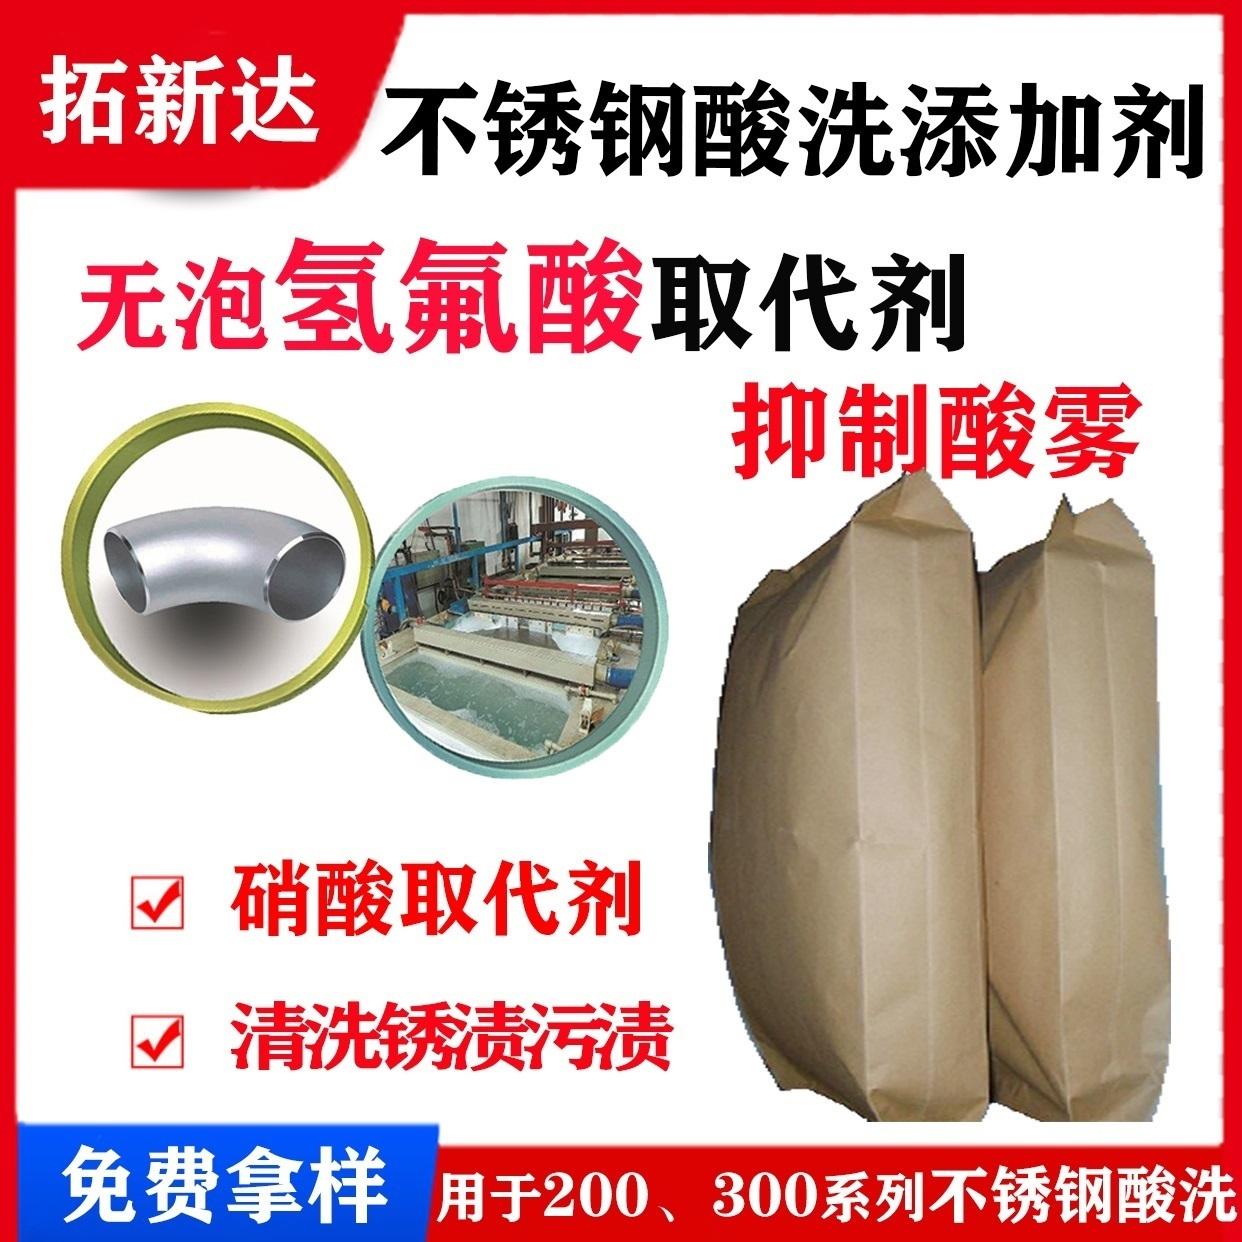 酸洗不锈钢添加剂  不锈钢酸洗添加剂 无泡 氢氟酸取代剂